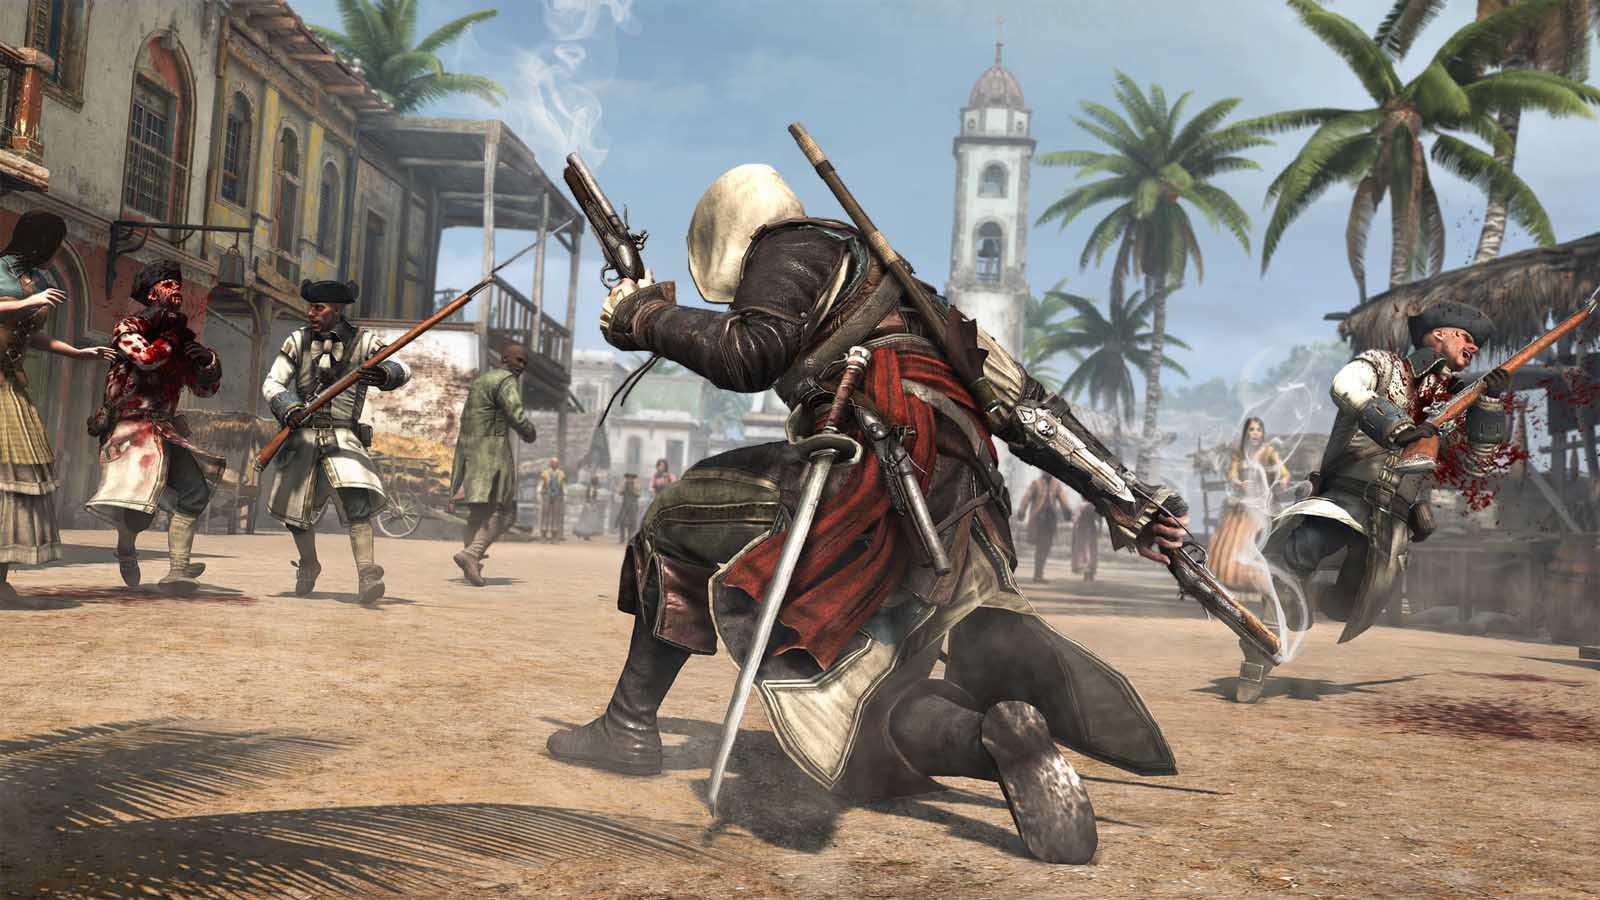 تحميل لعبة Assassin's Creed 4 Black Flag مضغوطة برابط واحد مباشر + تورنت كاملة مجانا